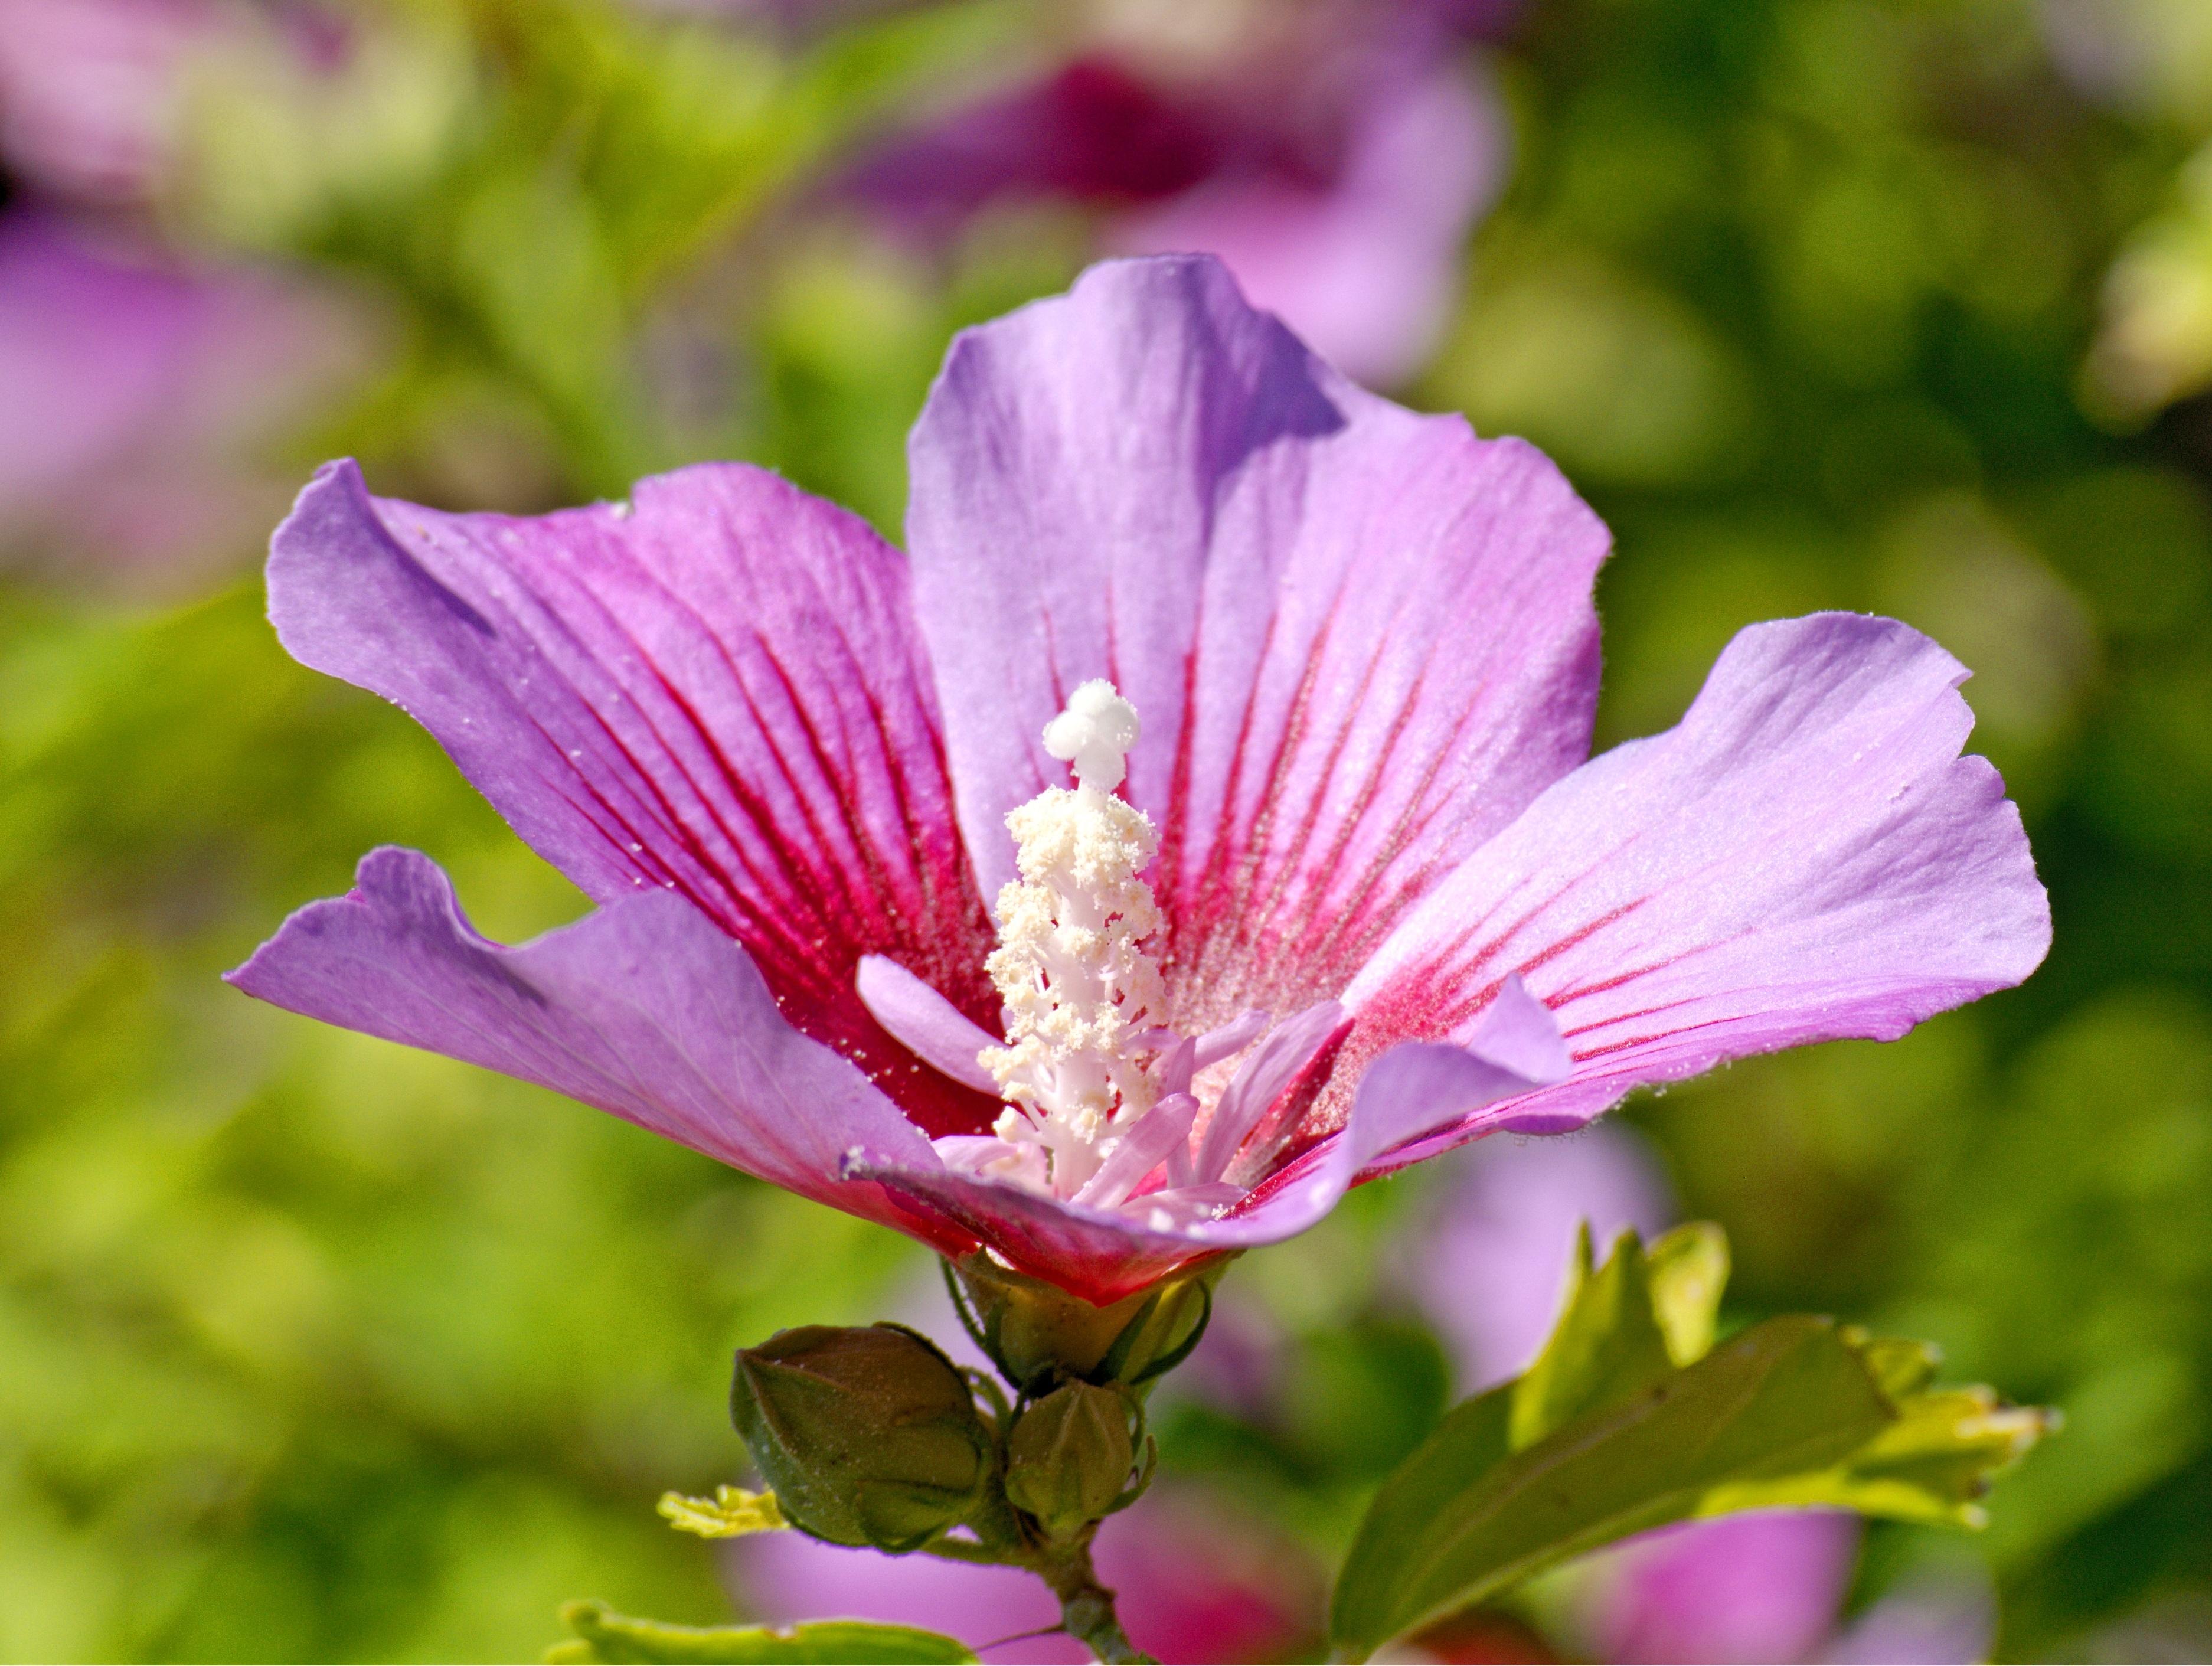 images gratuites : la nature, pétale, floraison, pollen, botanique